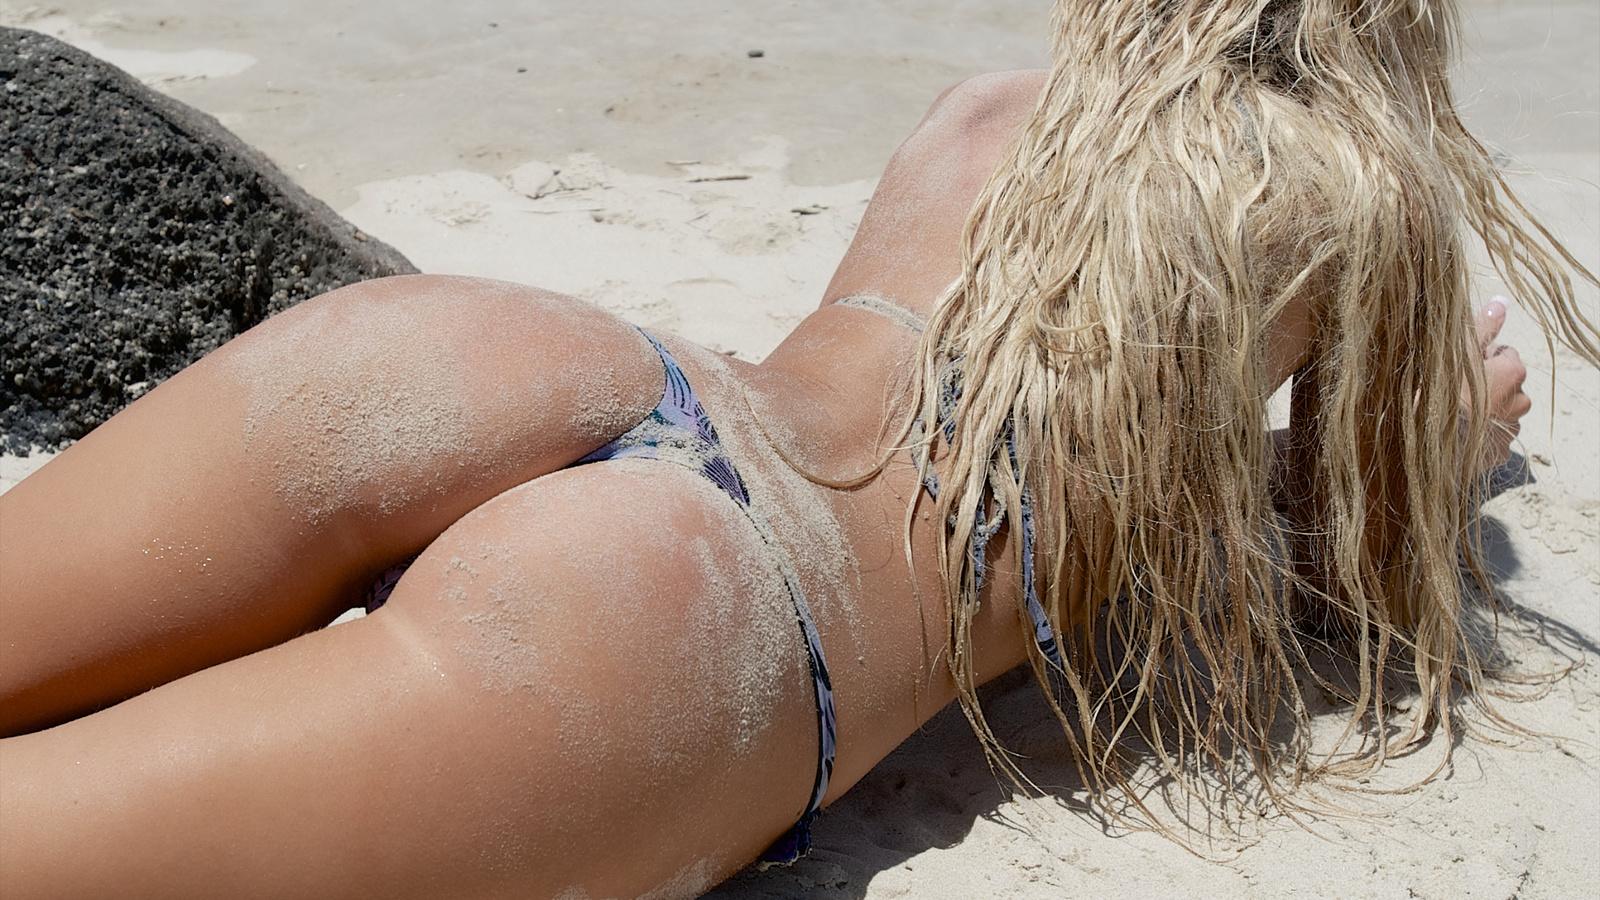 очень красивые попки на пляже онлайн